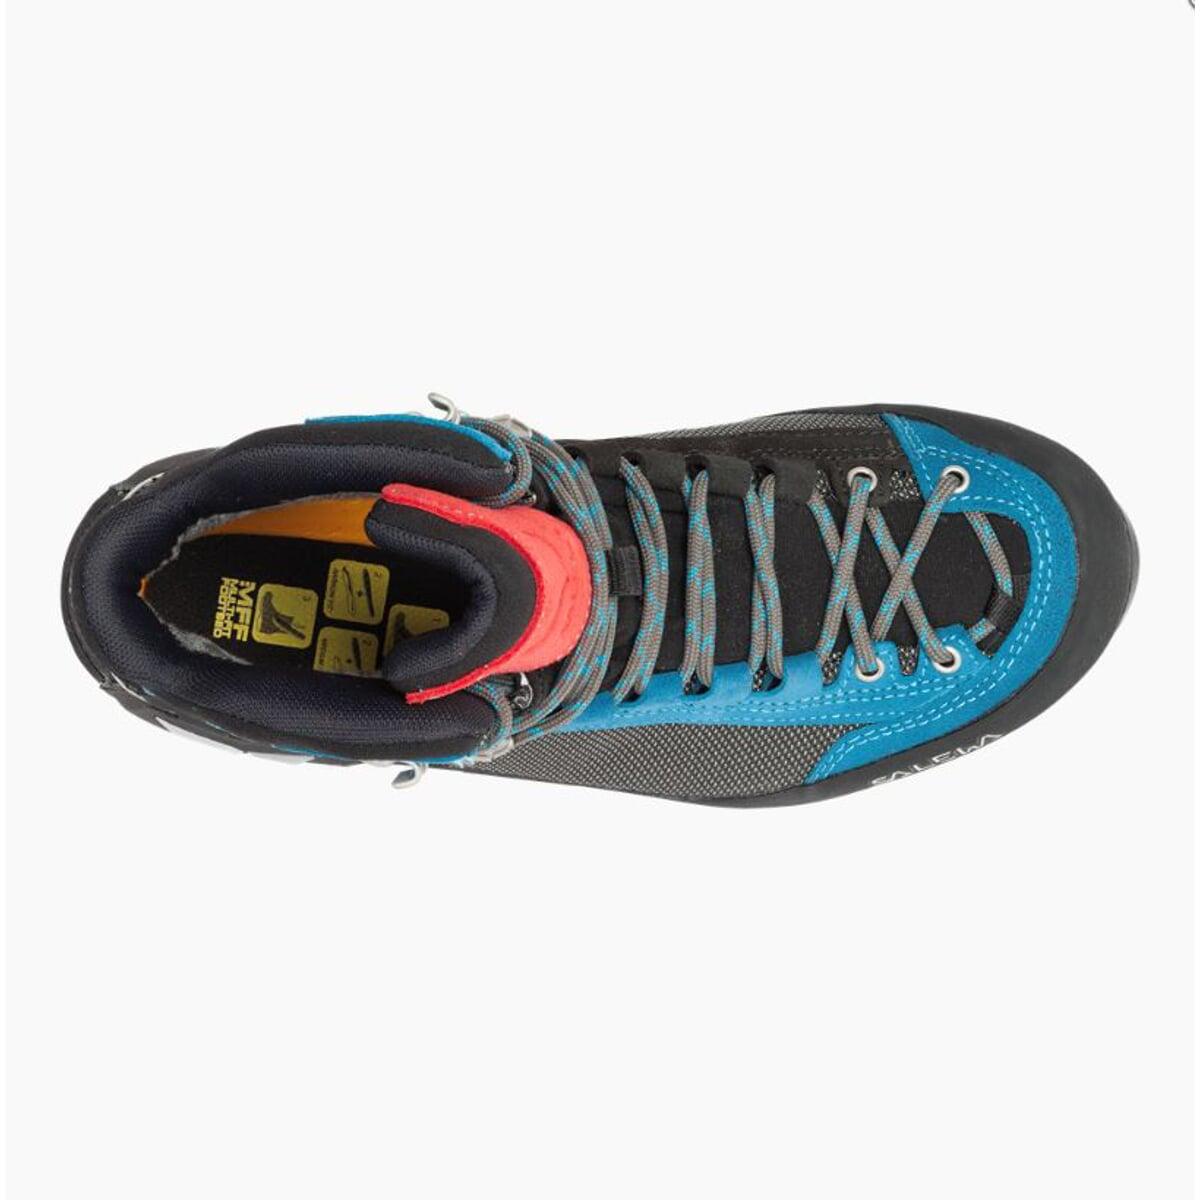 Dámske trekkingové topánky SALEWA WS CROW GTX  712d4b1468